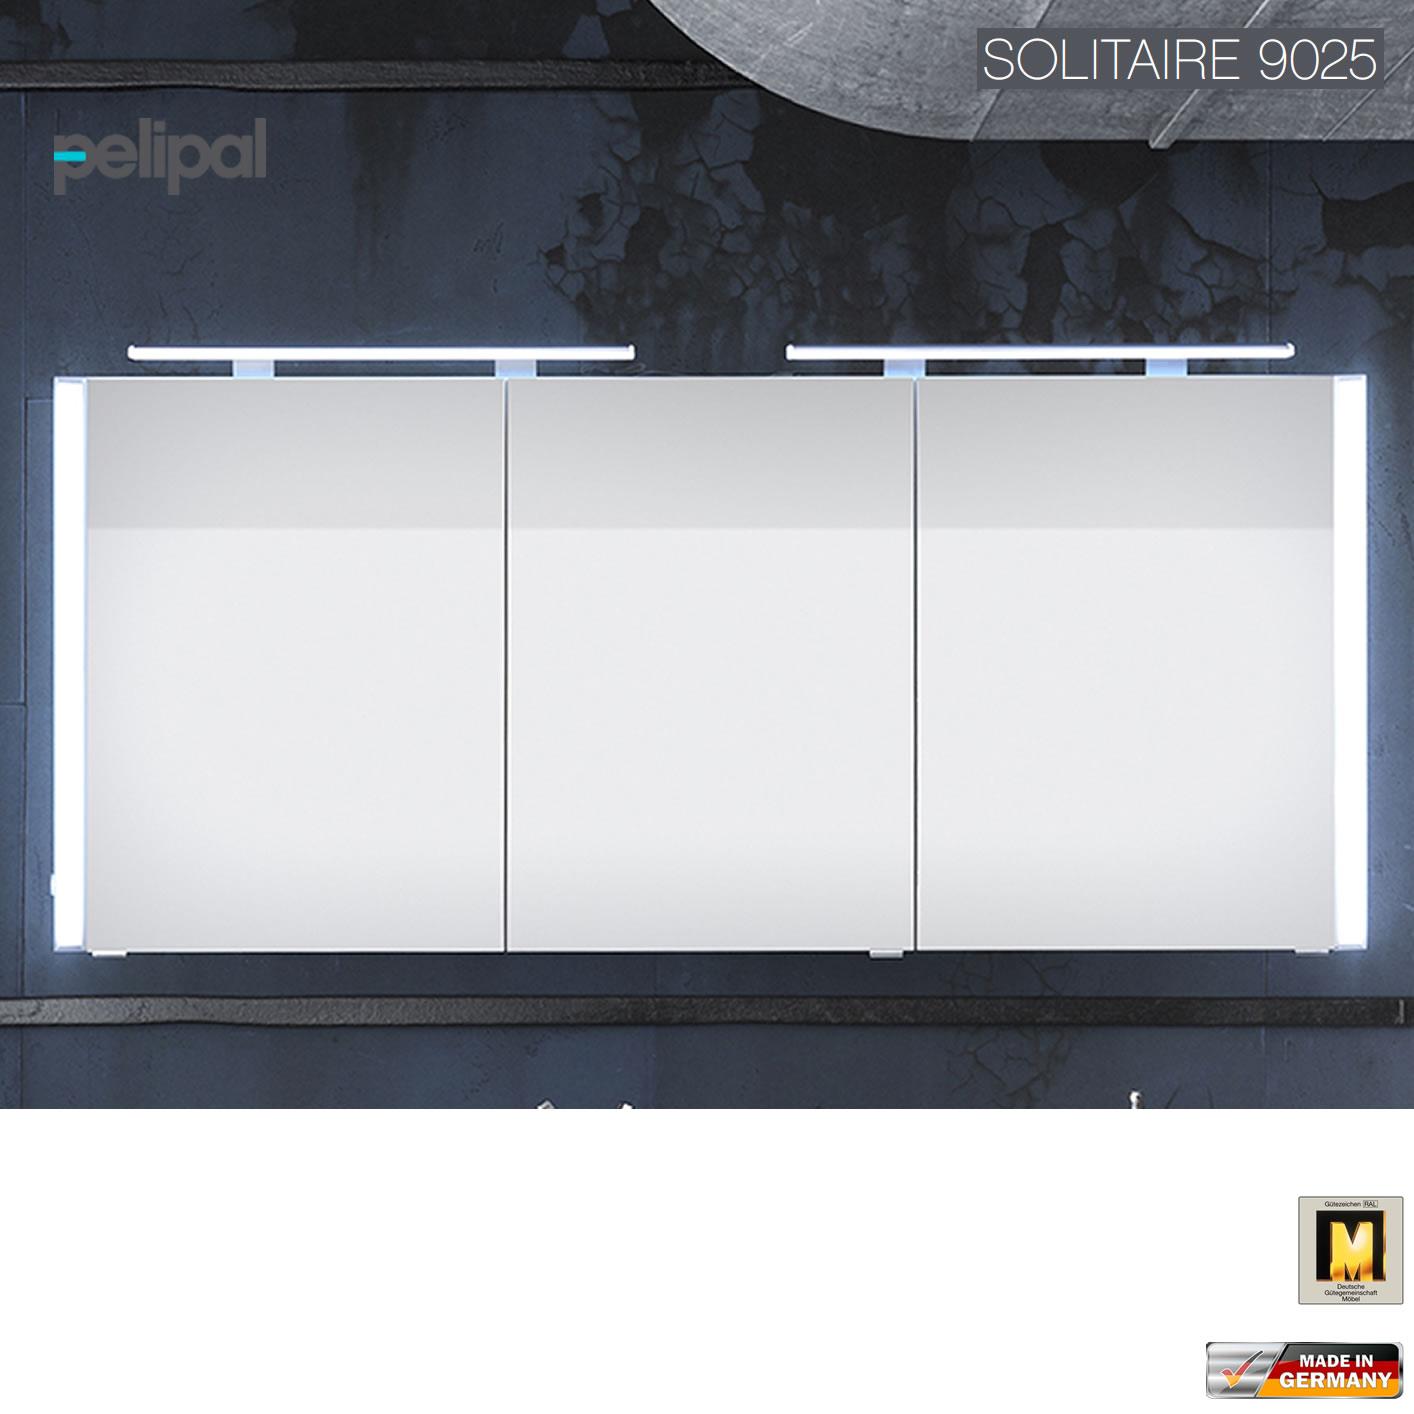 Spiegelschrank 160 Cm.Pelipal Solitaire 9025 Spiegelschrank 160 Cm